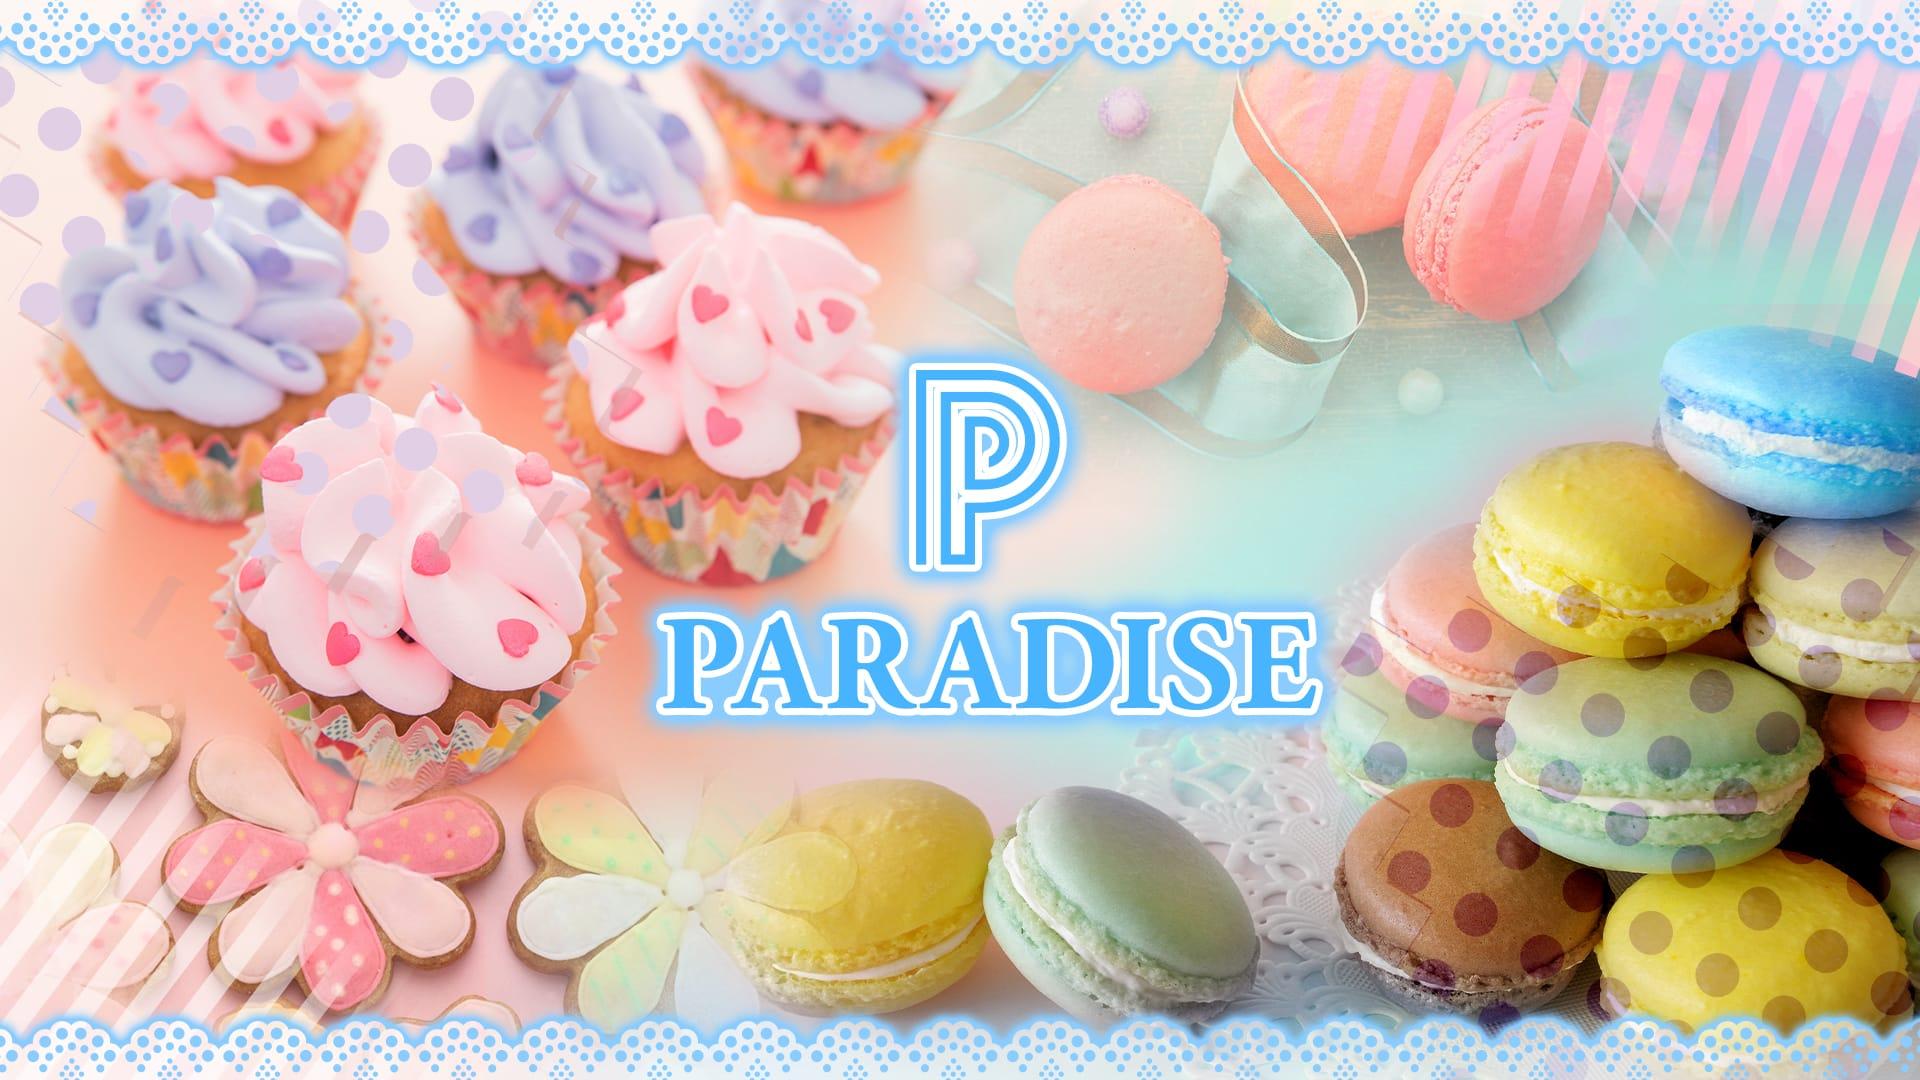 PARADISE 博多駅(パラダイス) 中洲キャバクラ TOP画像